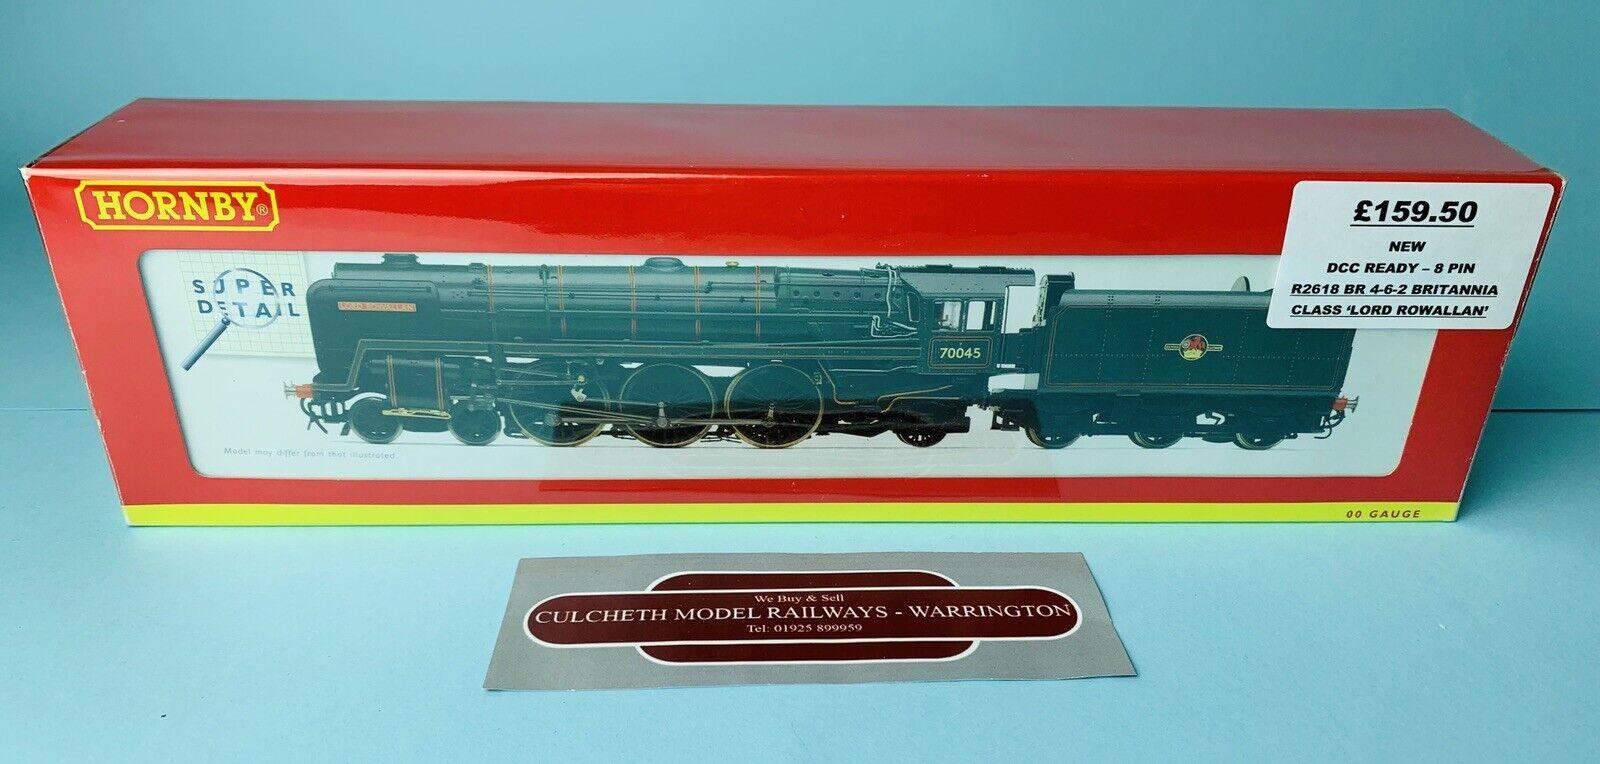 HORNBY 'OO' GAUGE R2618 BR 4-6-2 BRITANNIA CLASS 'LORD ROWALLAN' LOCO NEW BOXED